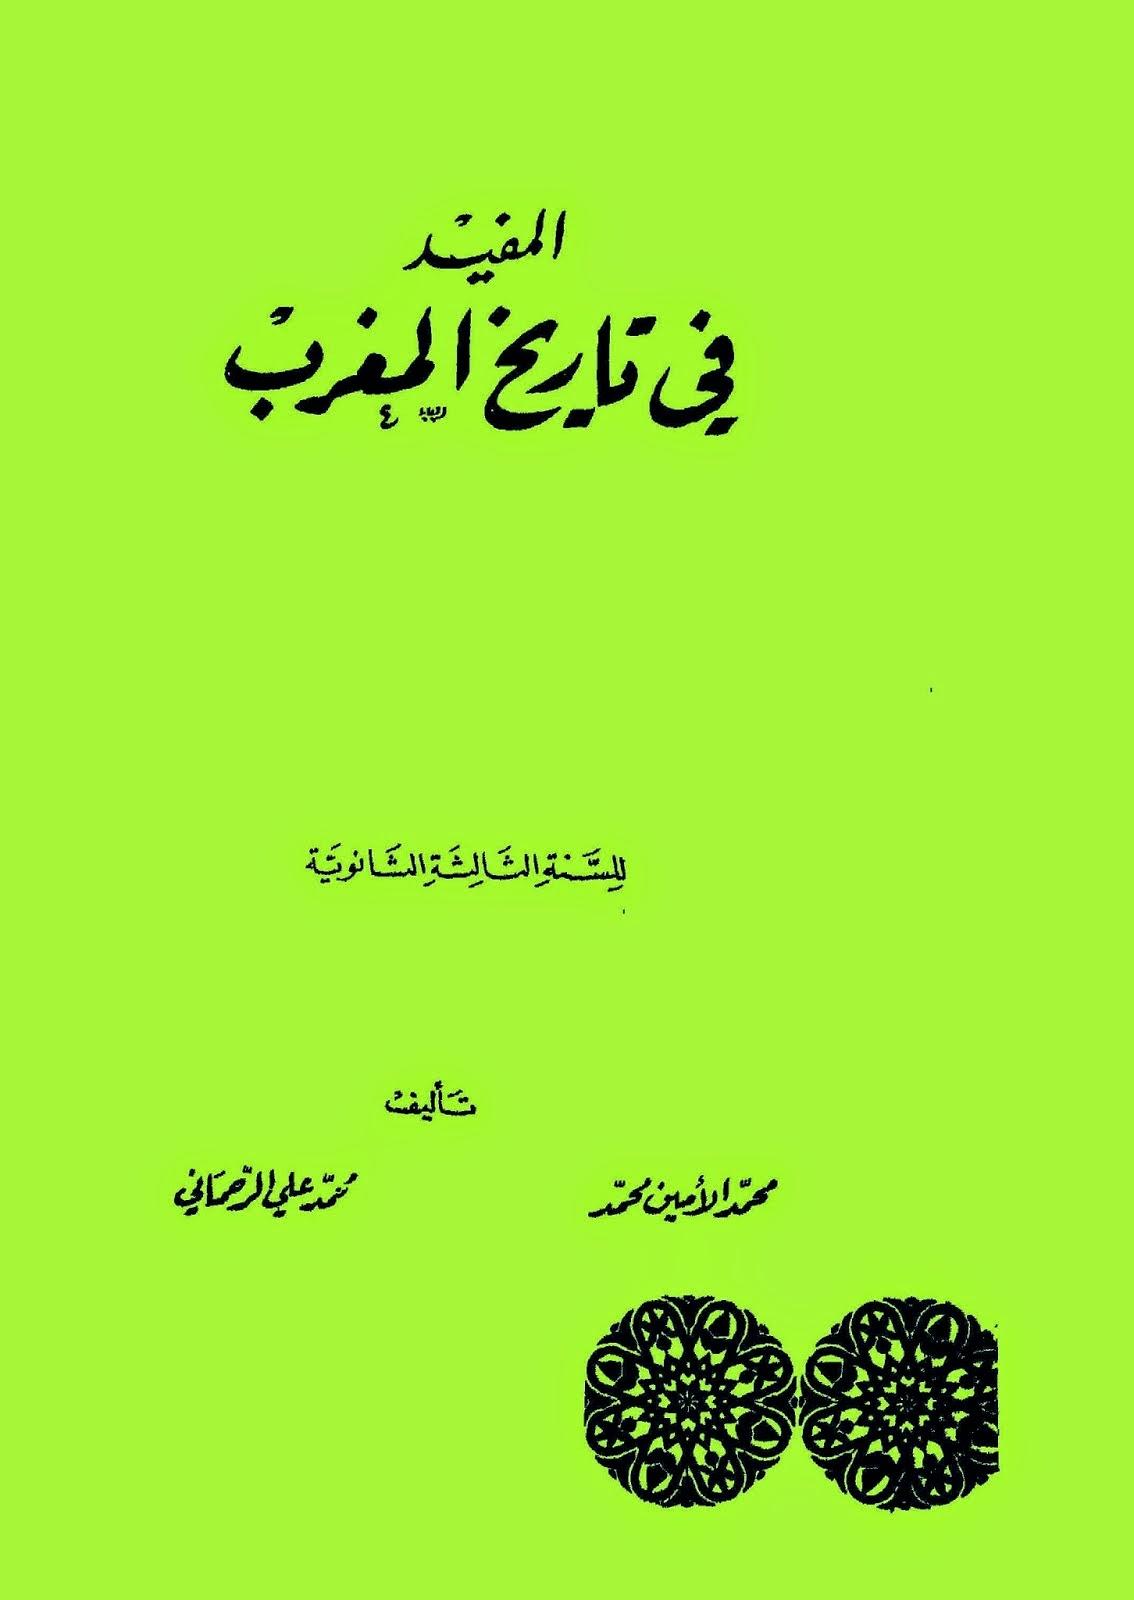 كتاب المفيد في تاريخ المغرب لـ محمد الأمين محمد و محمد علي الرحماني